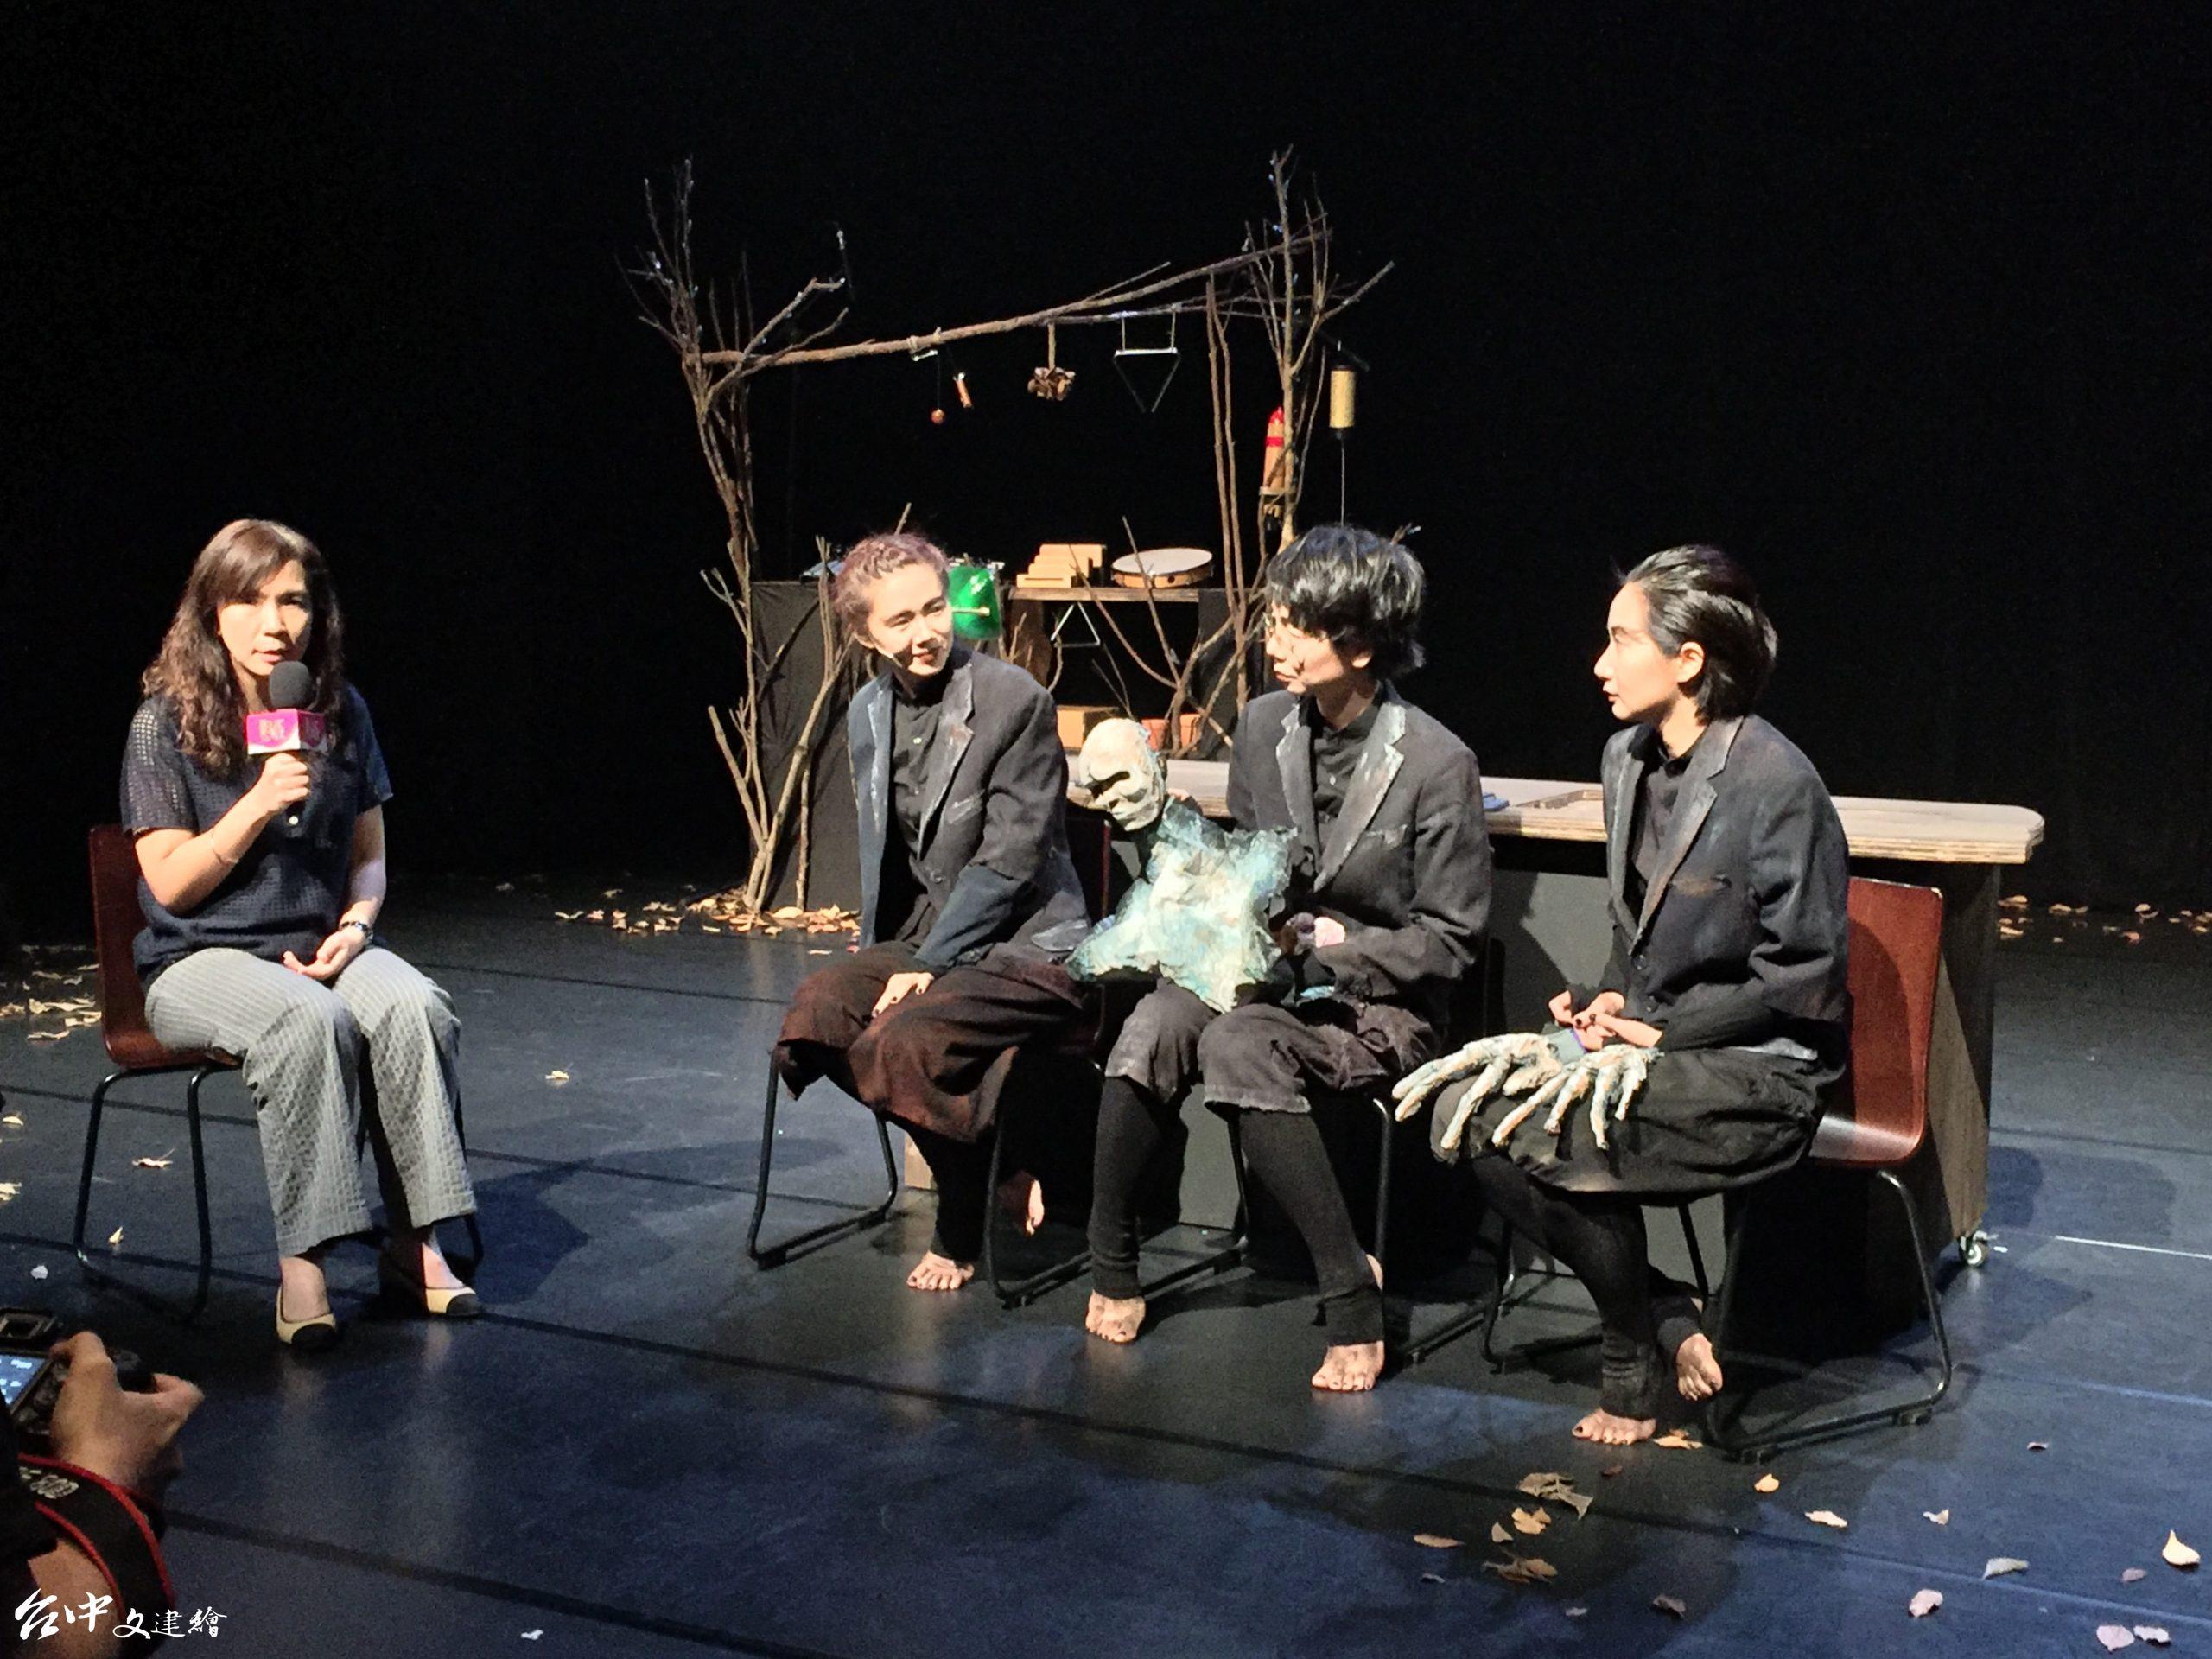 「新藝計畫」入選作品「親愛的戴斯」將在 7 月 31 日與 8 月 1、2 日在小劇場演出四場。(攝影:謝平平)